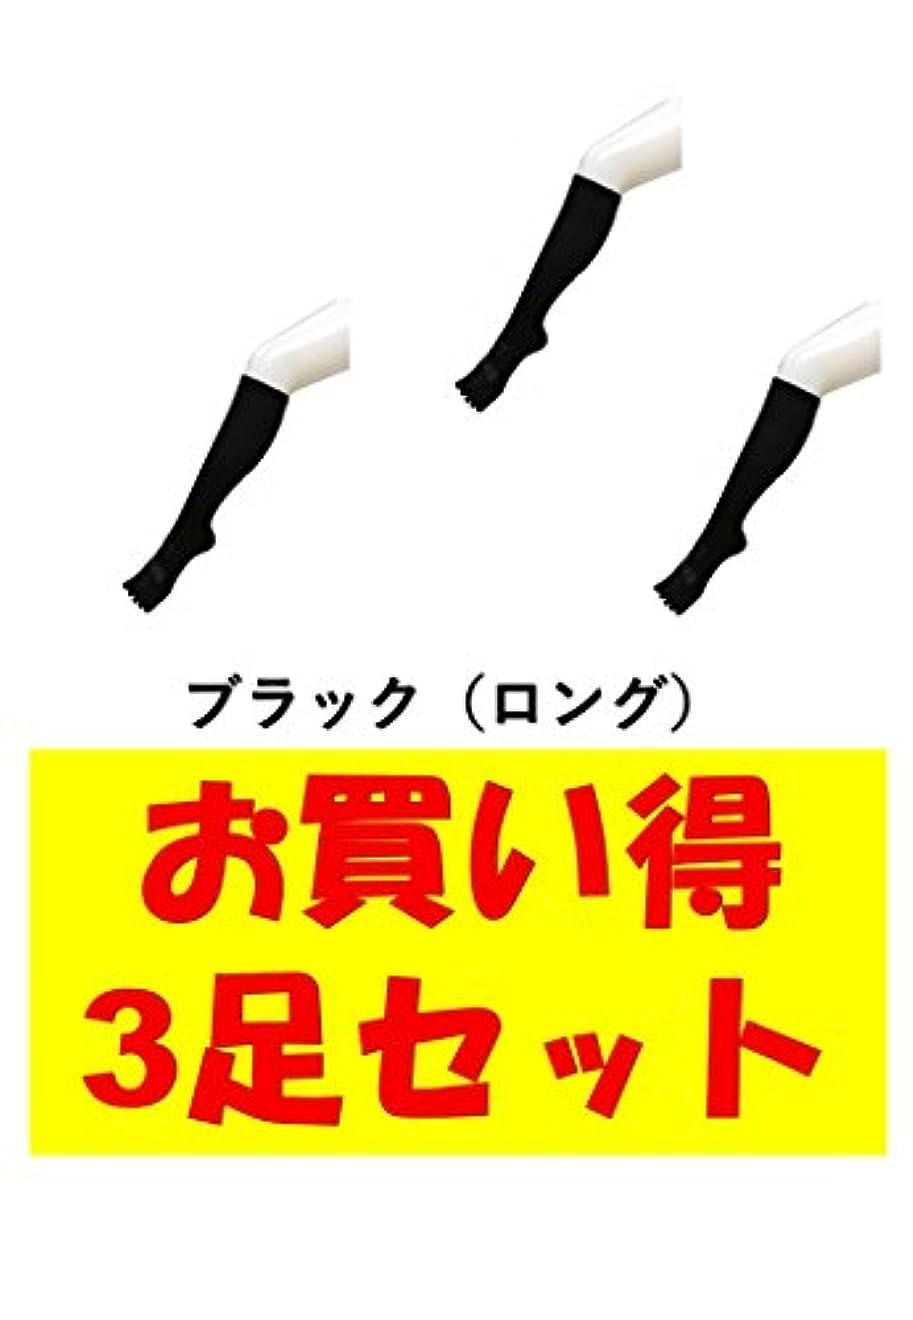 ずんぐりしたペリスコープリダクターお買い得3足セット 5本指 ゆびのばソックス ゆびのばロング ブラック 女性用 22.0cm-25.5cm HSLONG-BLK